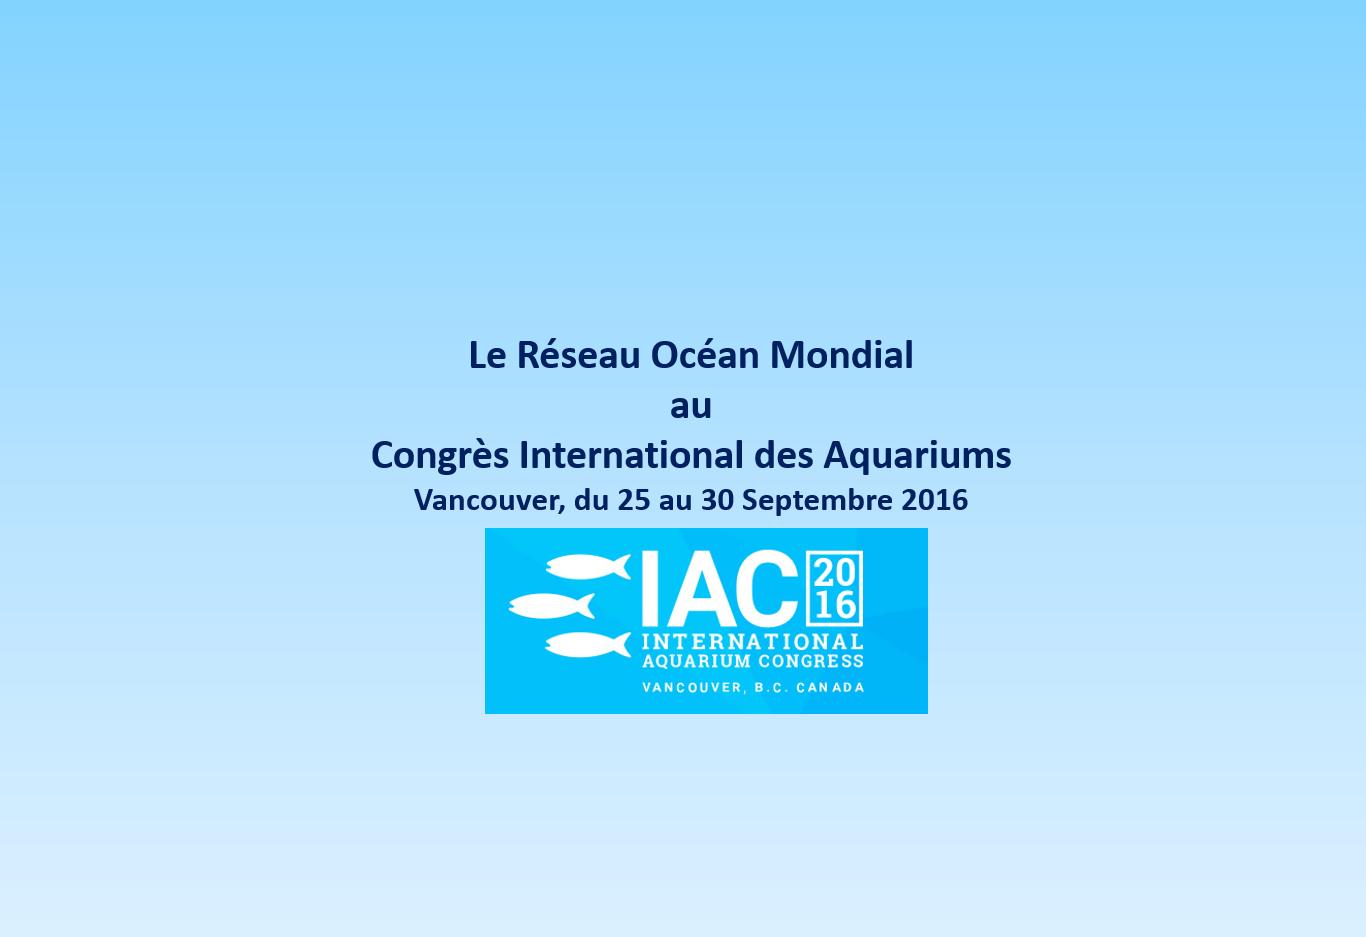 le Réseau Océan Mondial au Congrès International des Aquariums